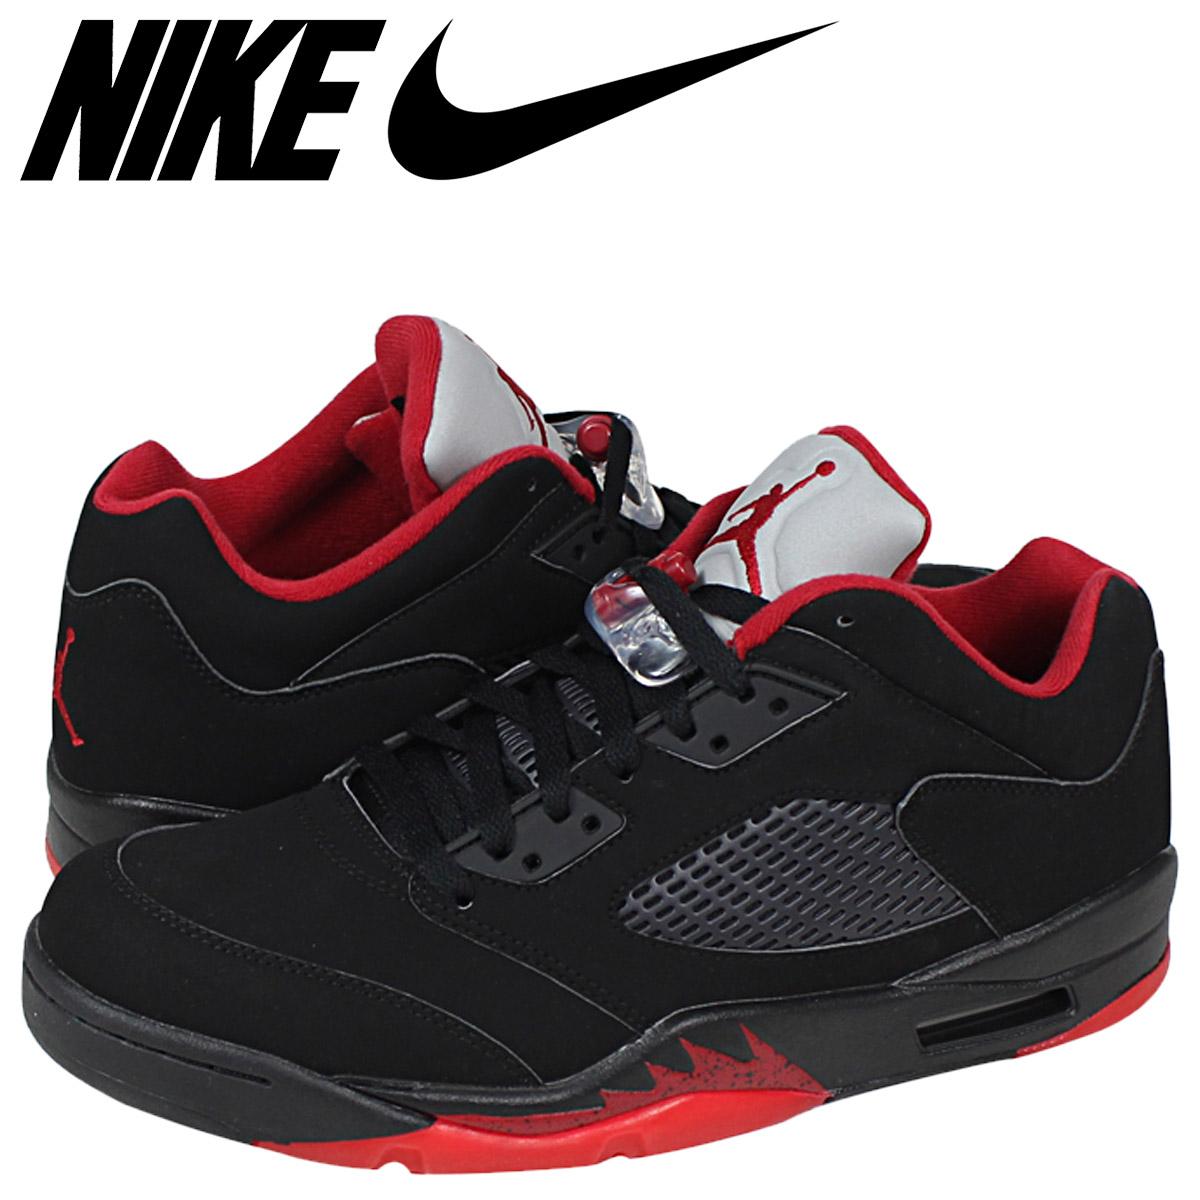 58a72ada1e9 Nike NIKE Air Jordan sneakers AIR JORDAN 5 RETRO LOW ALTERNATE 90 Air Jordan  5 alternate ...